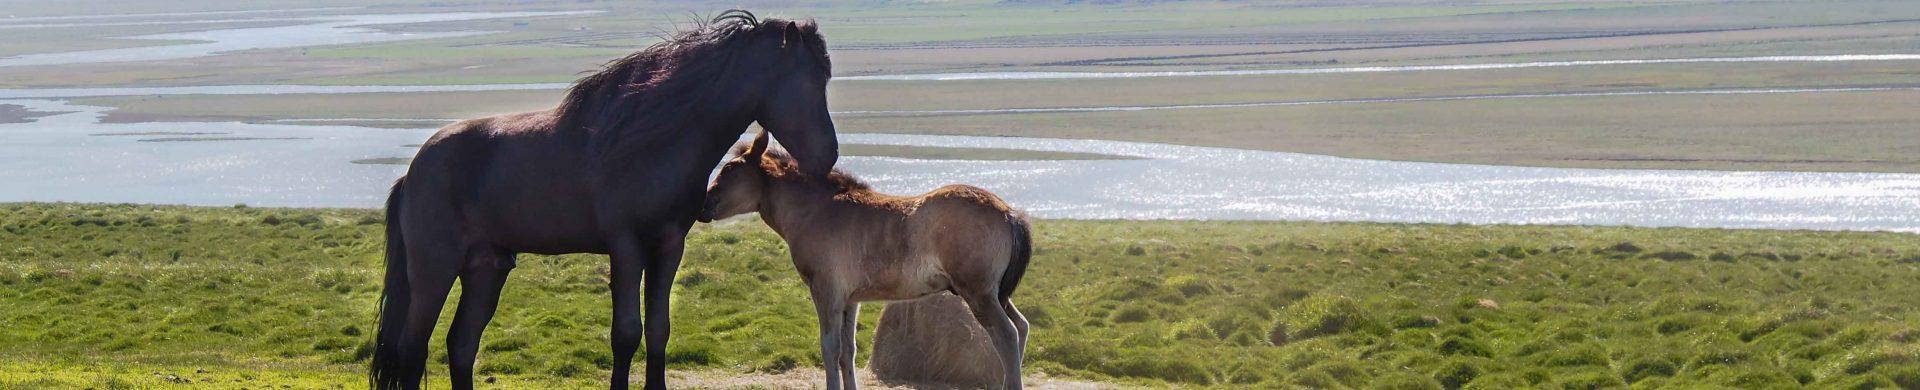 Photo de deux chevaux islande, une jument et son poulain dans la nature islandaise